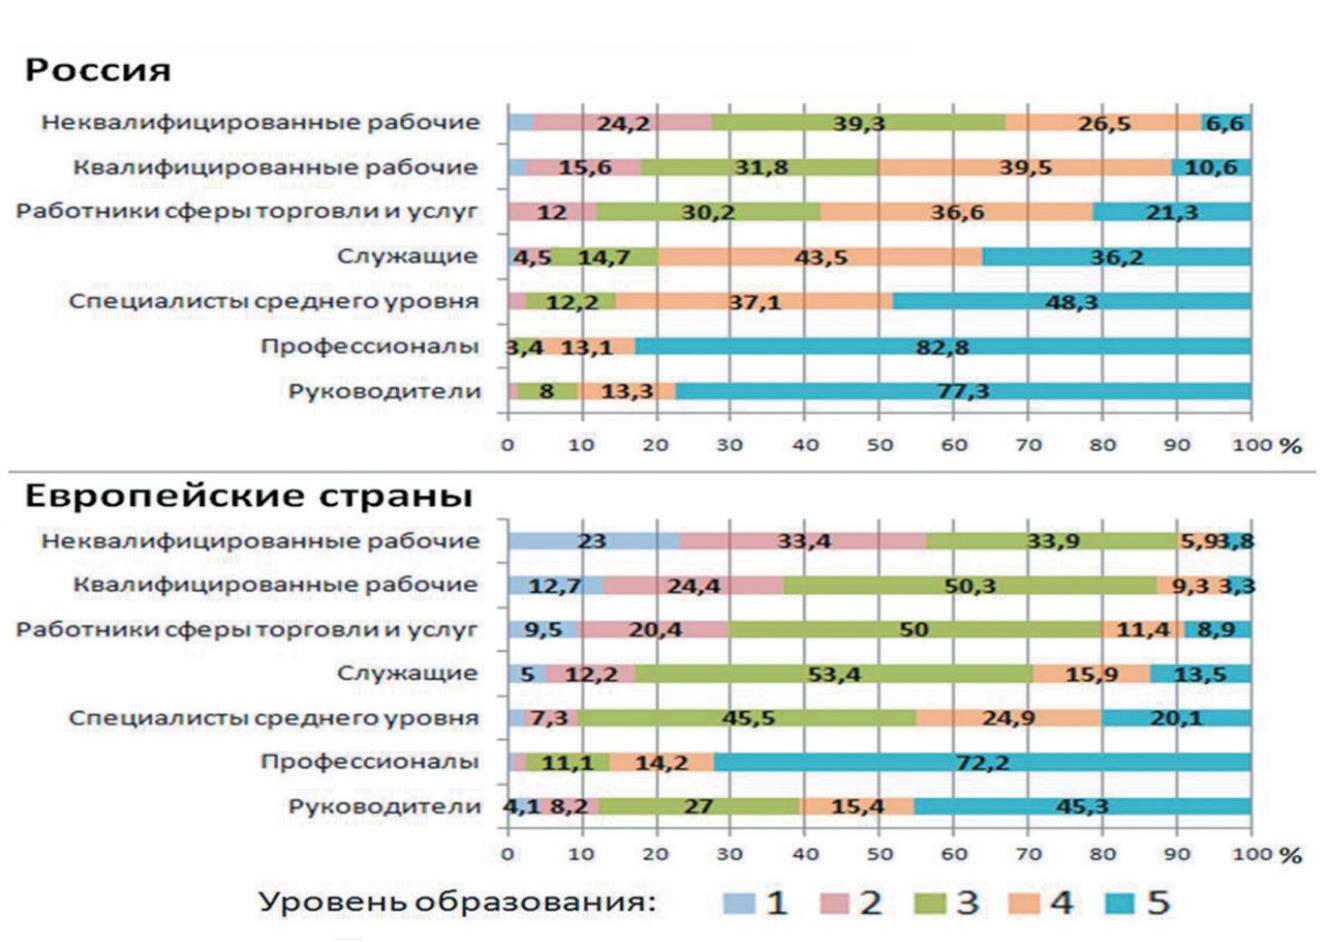 Рис. 1. Уровень образования социально-профессиональных групп в России и Европе, % от числа опрошенных в группе